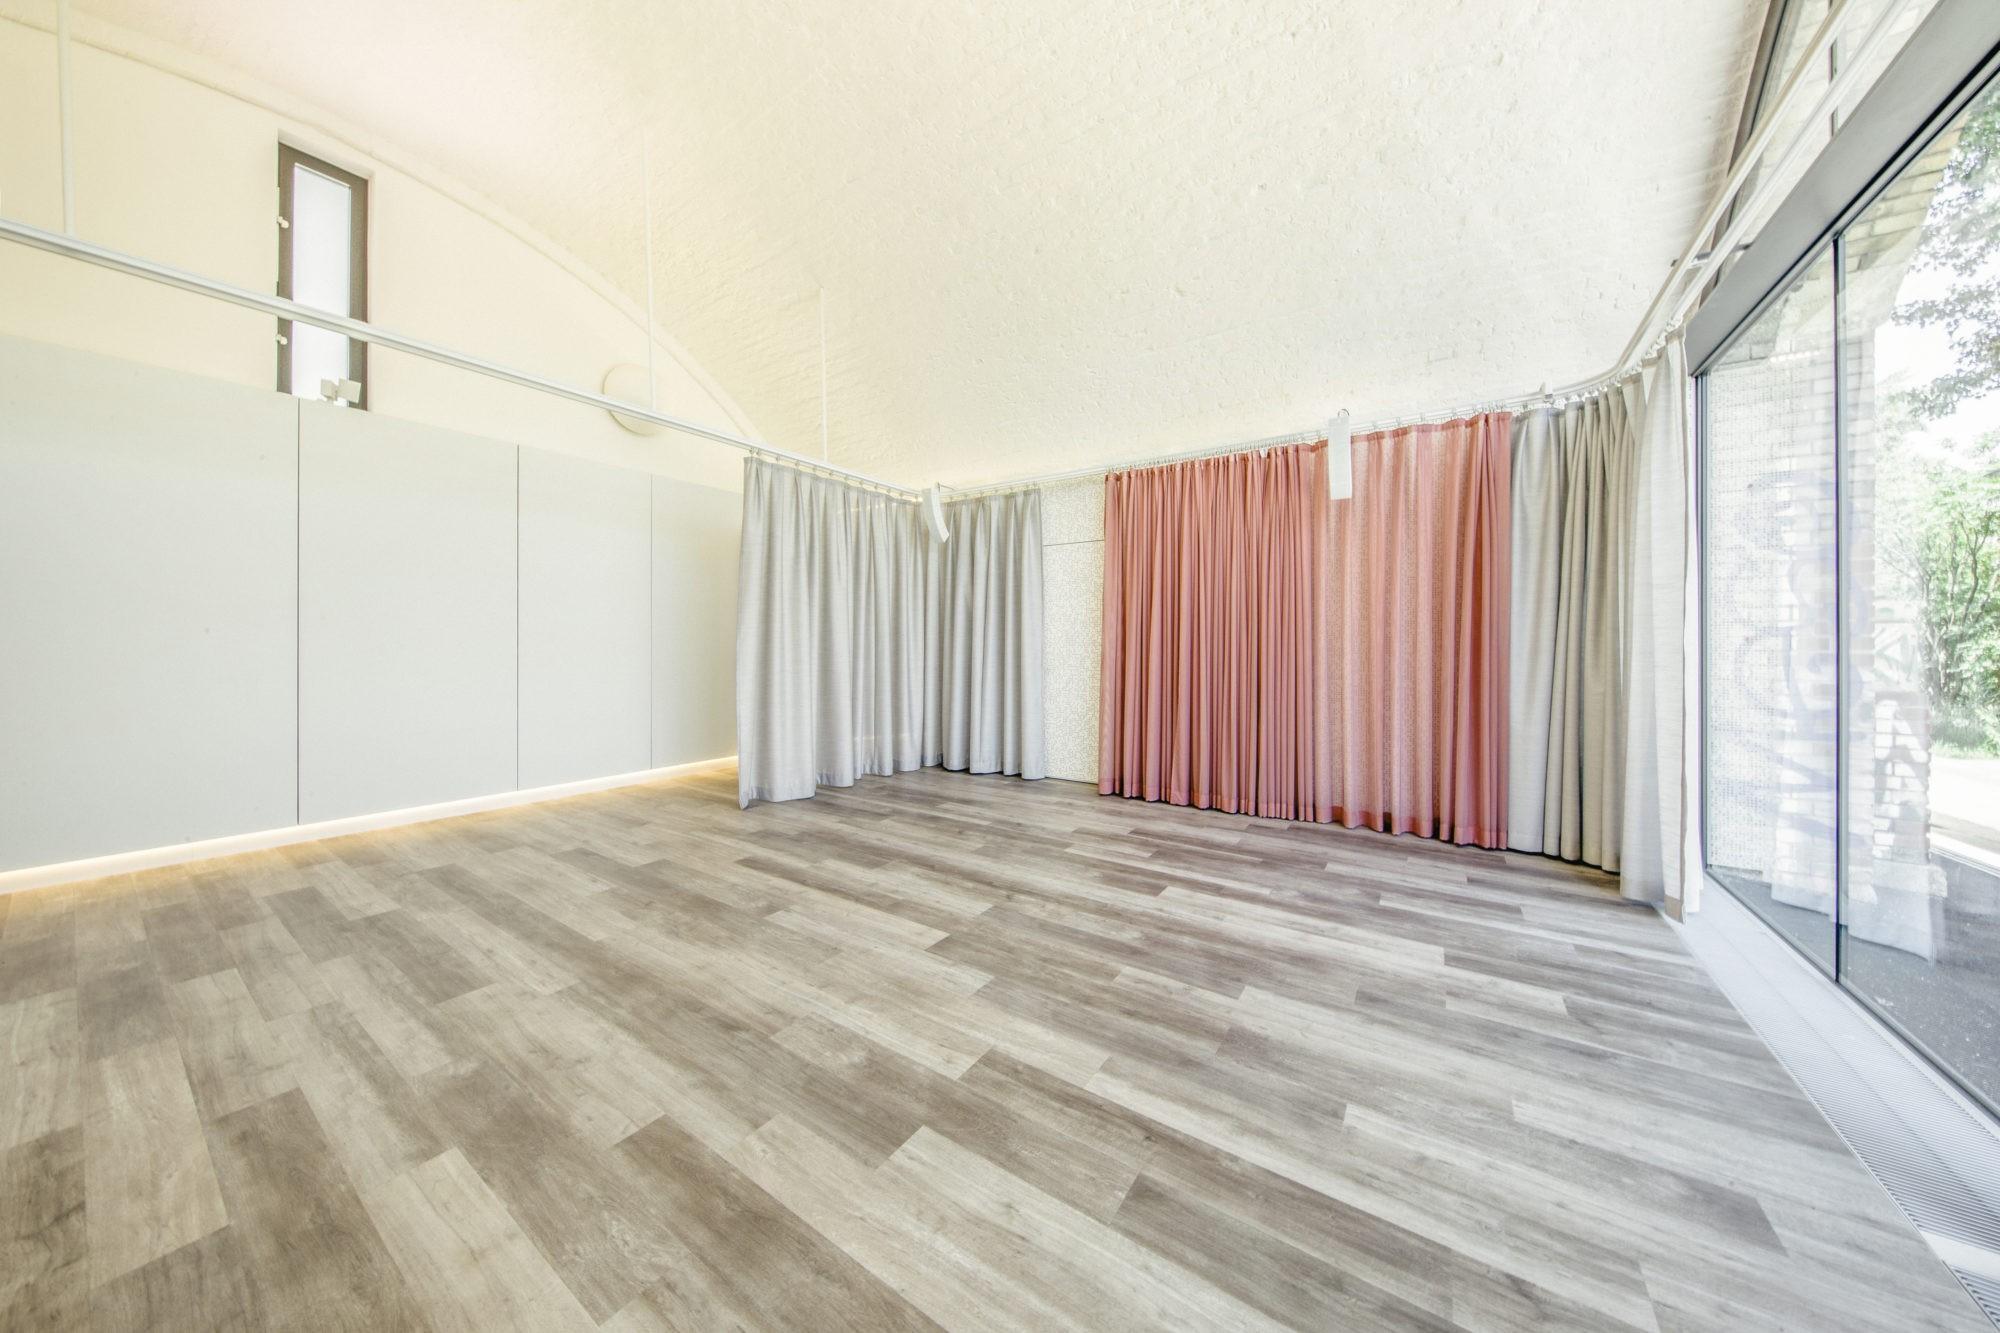 Kleiner Tanzbogen, Studio 2